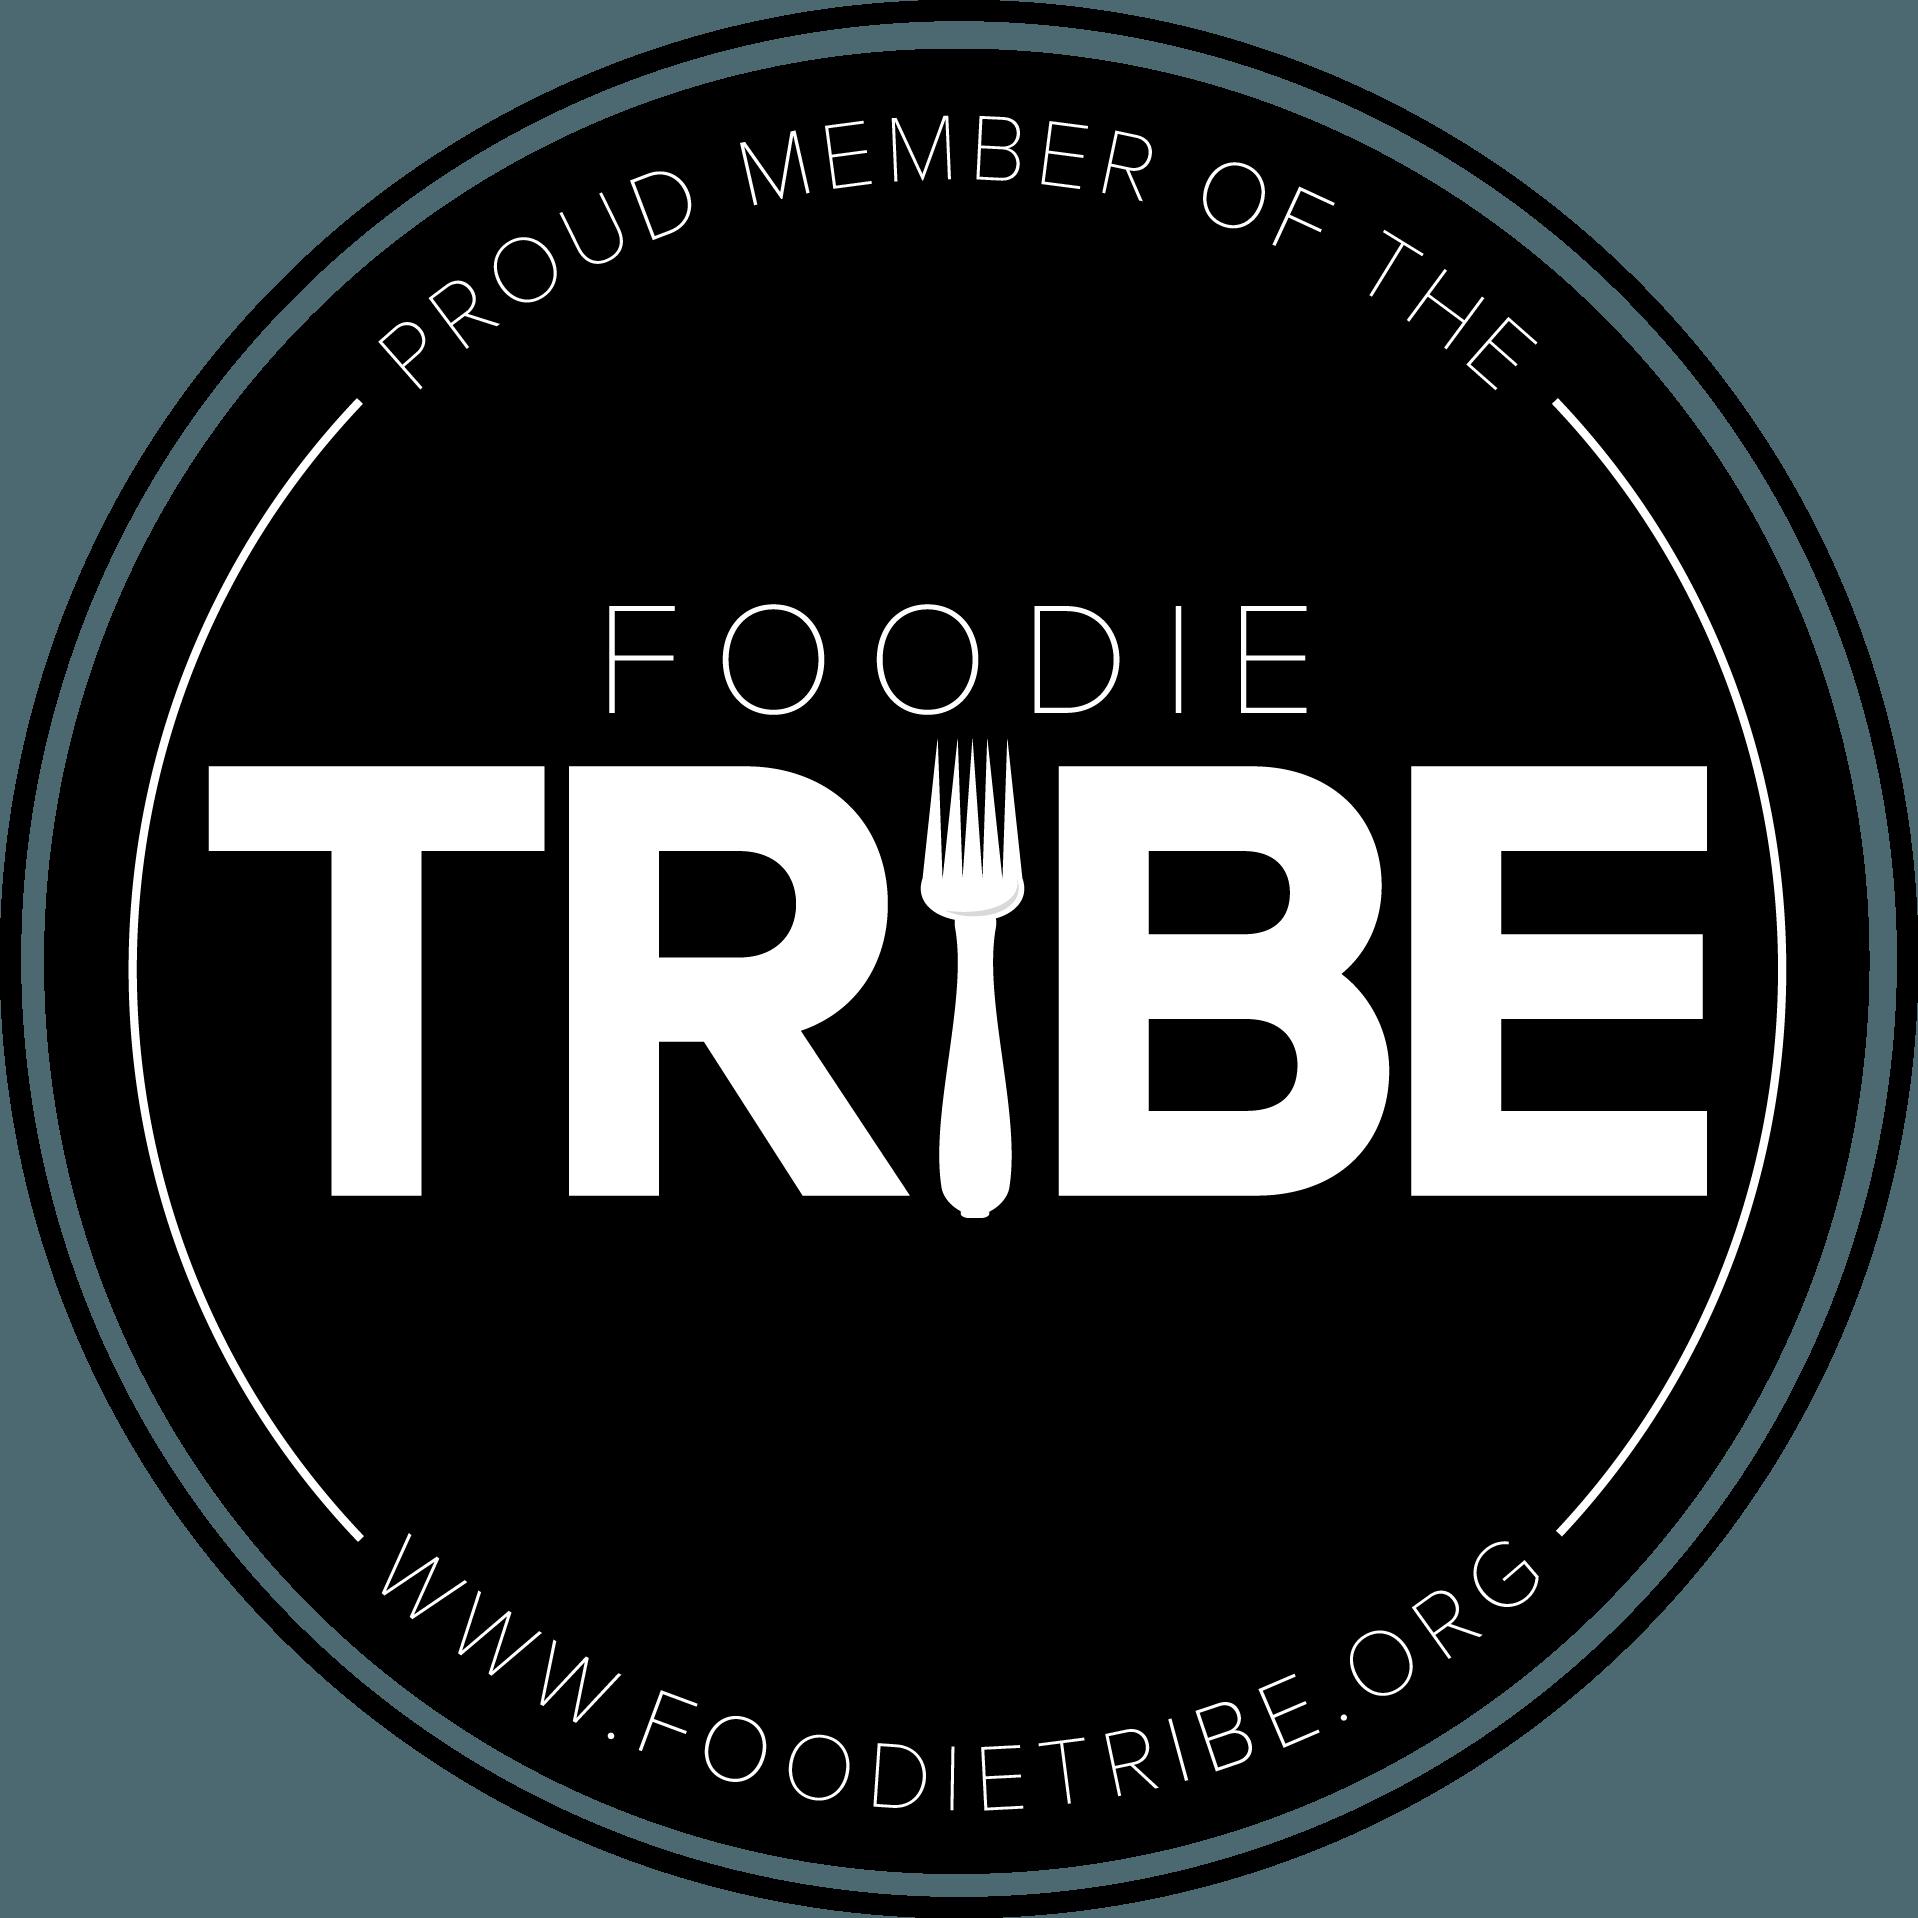 FoodieTribe